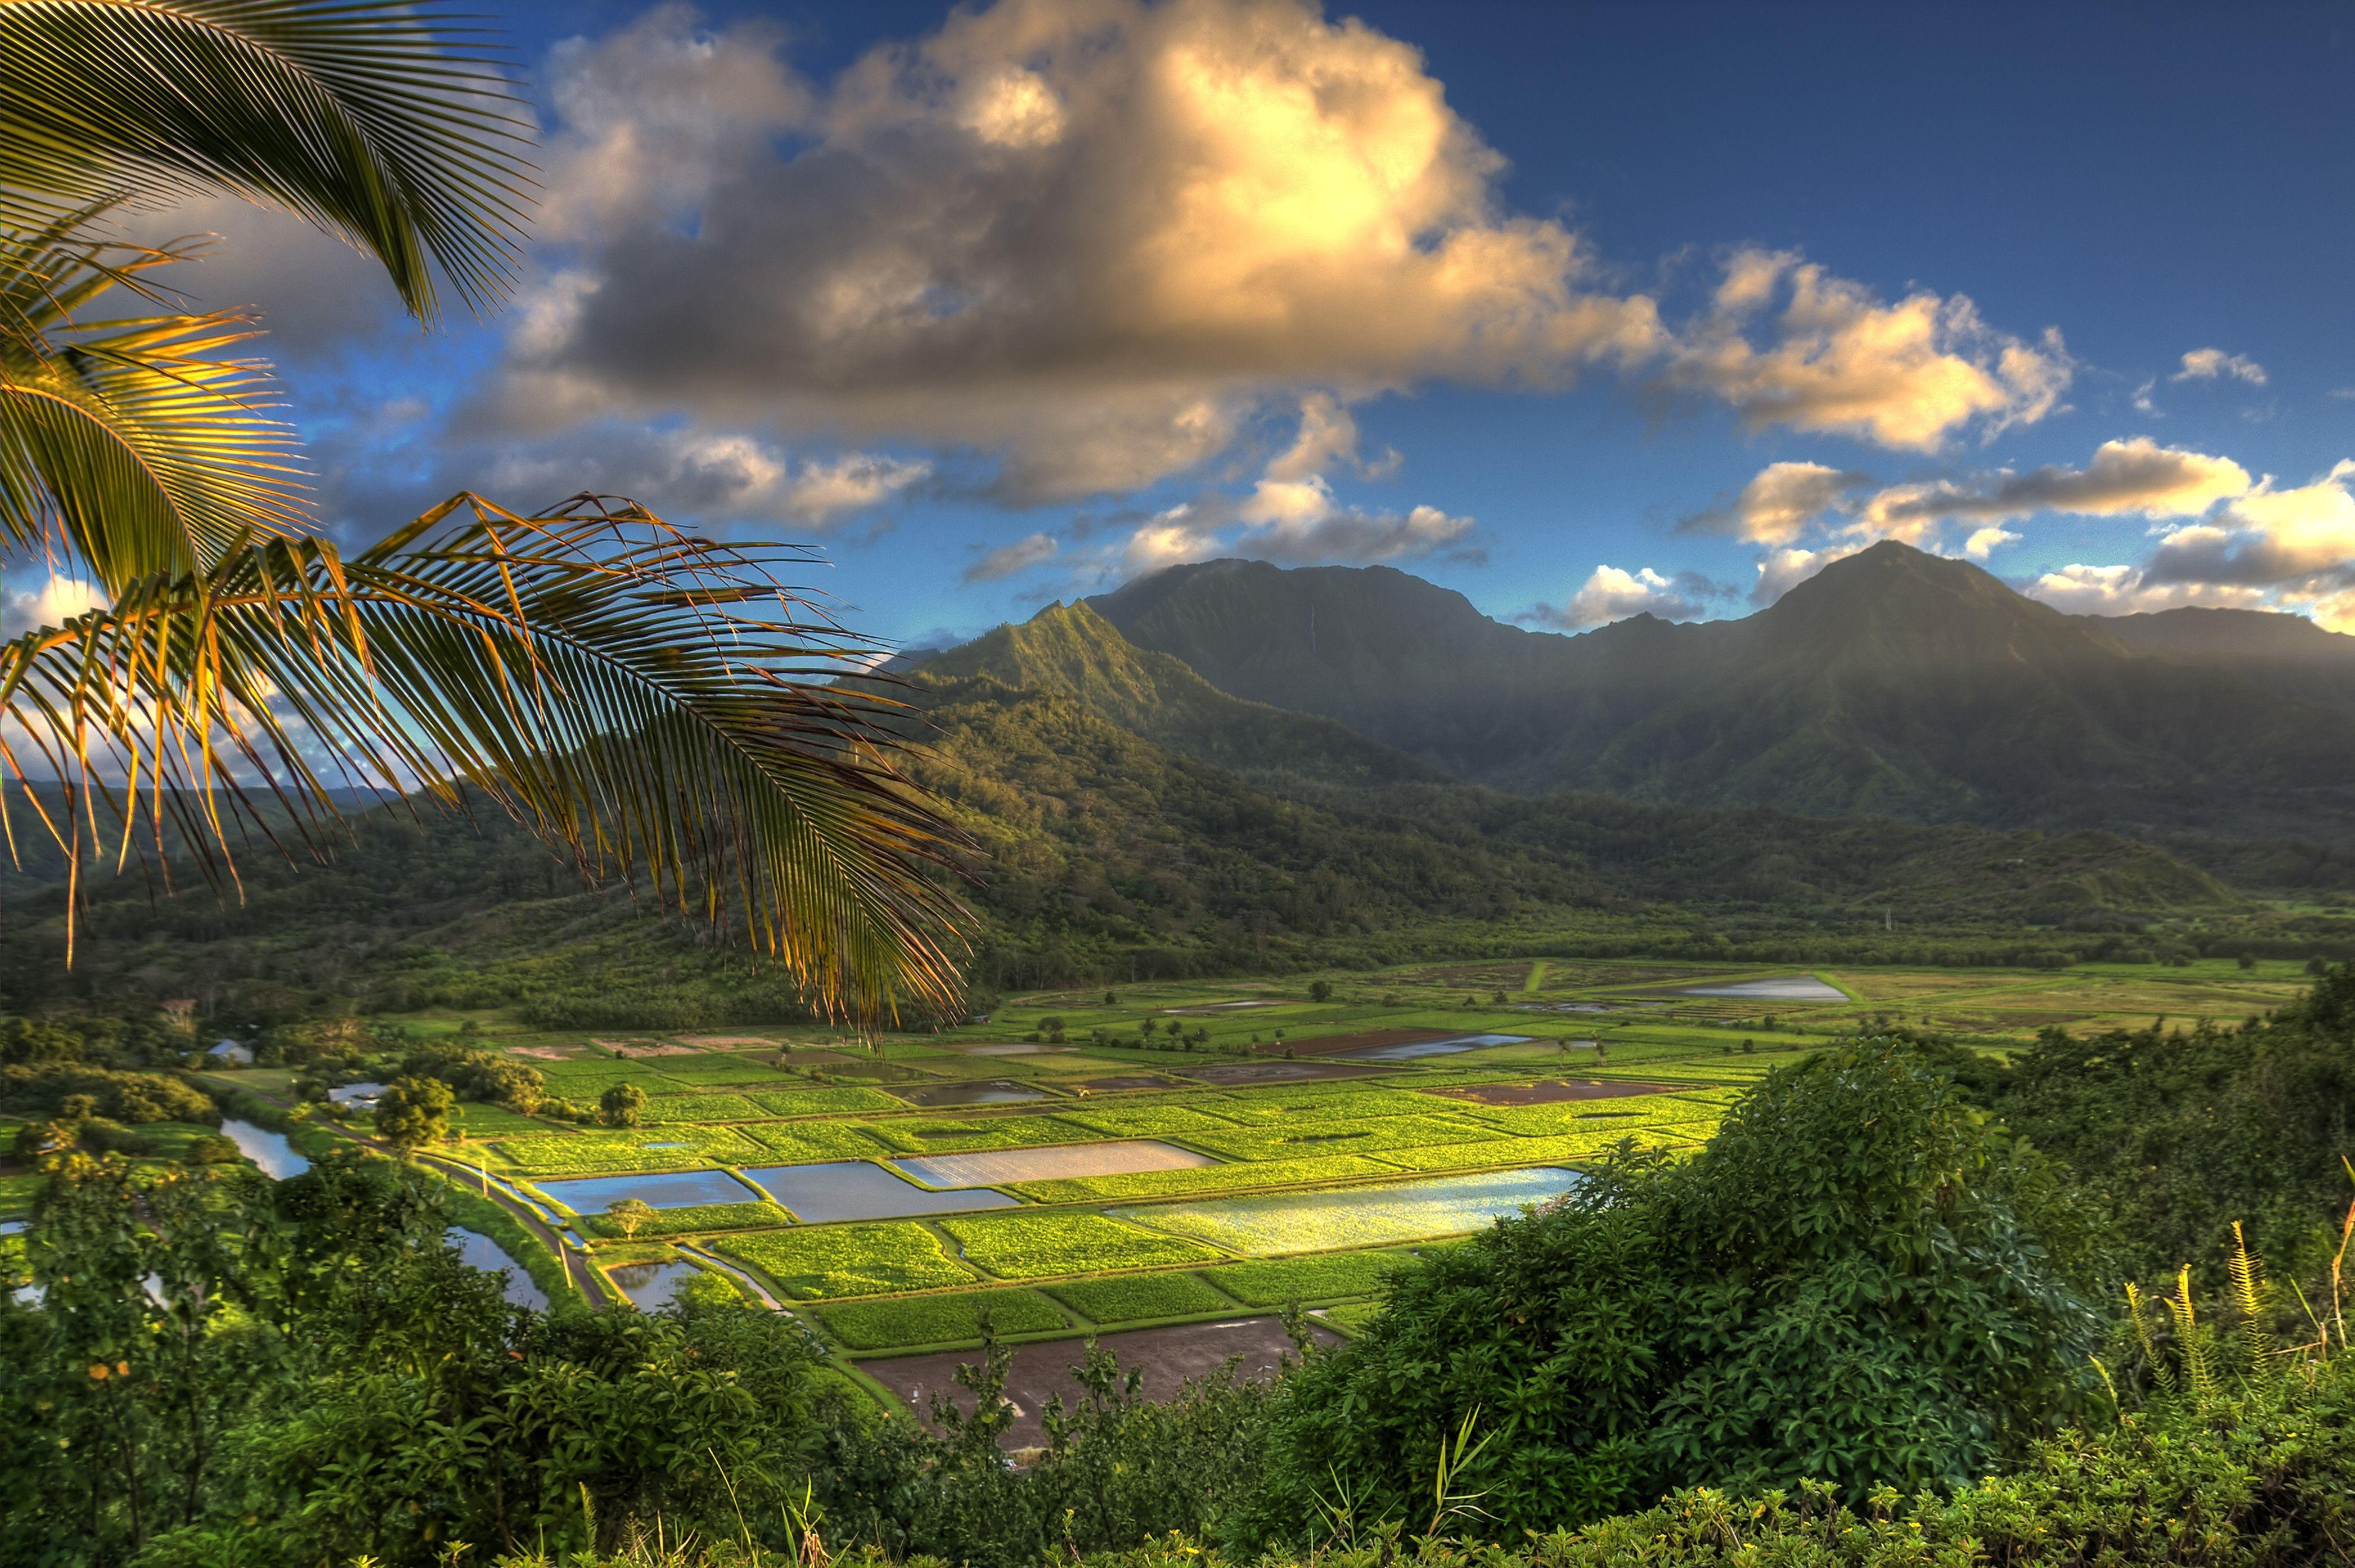 meilleures id atilde copy es atilde nbsp propos de hawaiian islands s sur 17 meilleures idatildecopyes atildenbsp propos de hawaiian islands s sur tatouage de l atilderegle hawaatildemacrenme datildecopycor hawaatildemacren et voyage atildenbsp hawaii